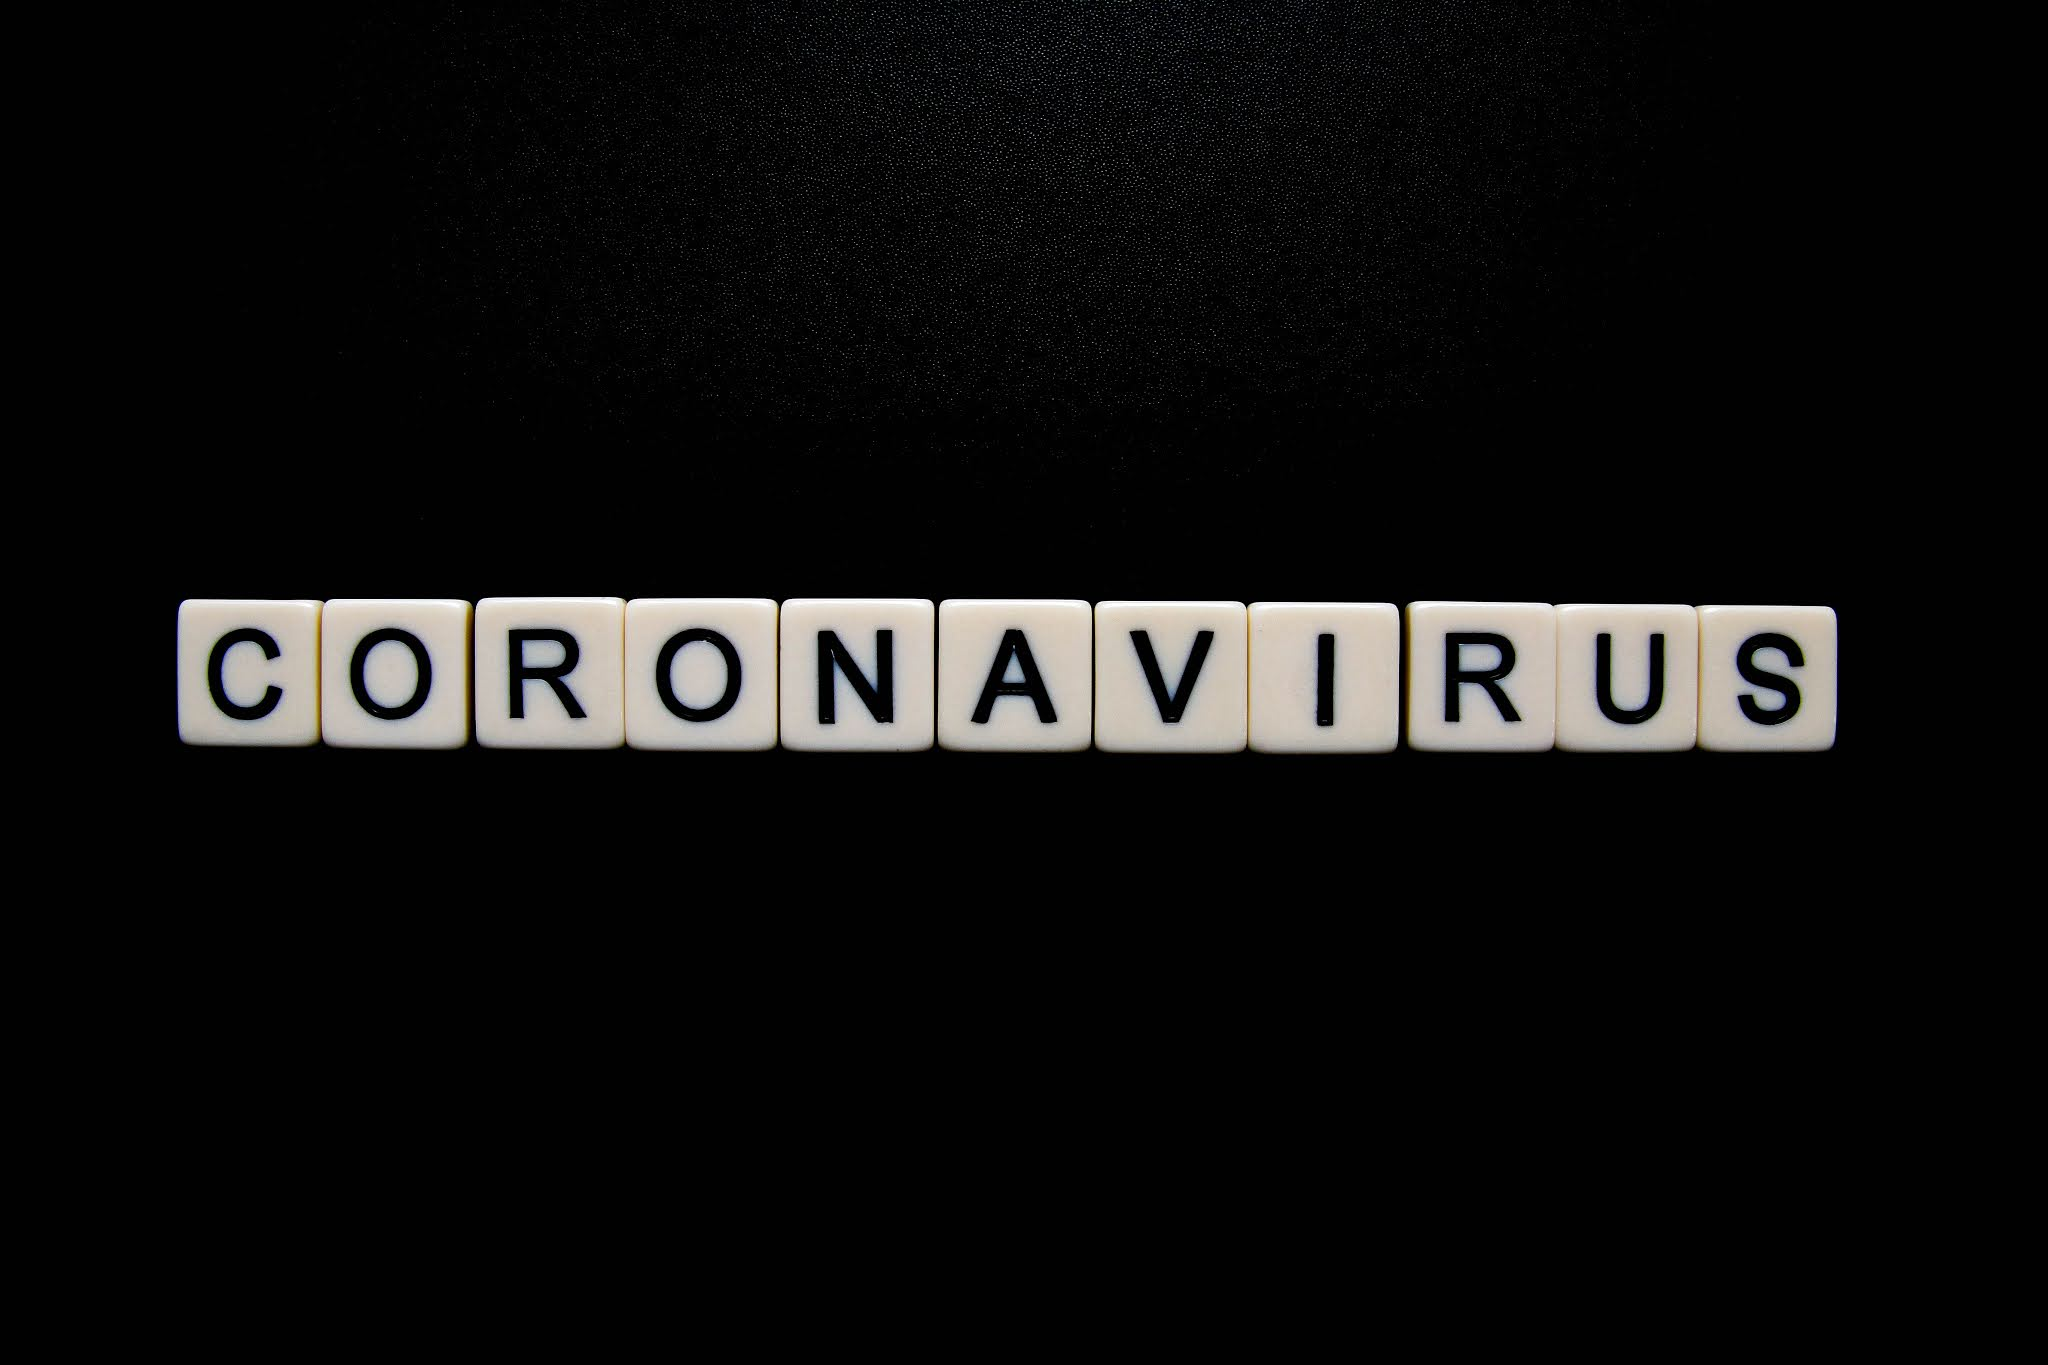 Sobre Ter Corona Vírus